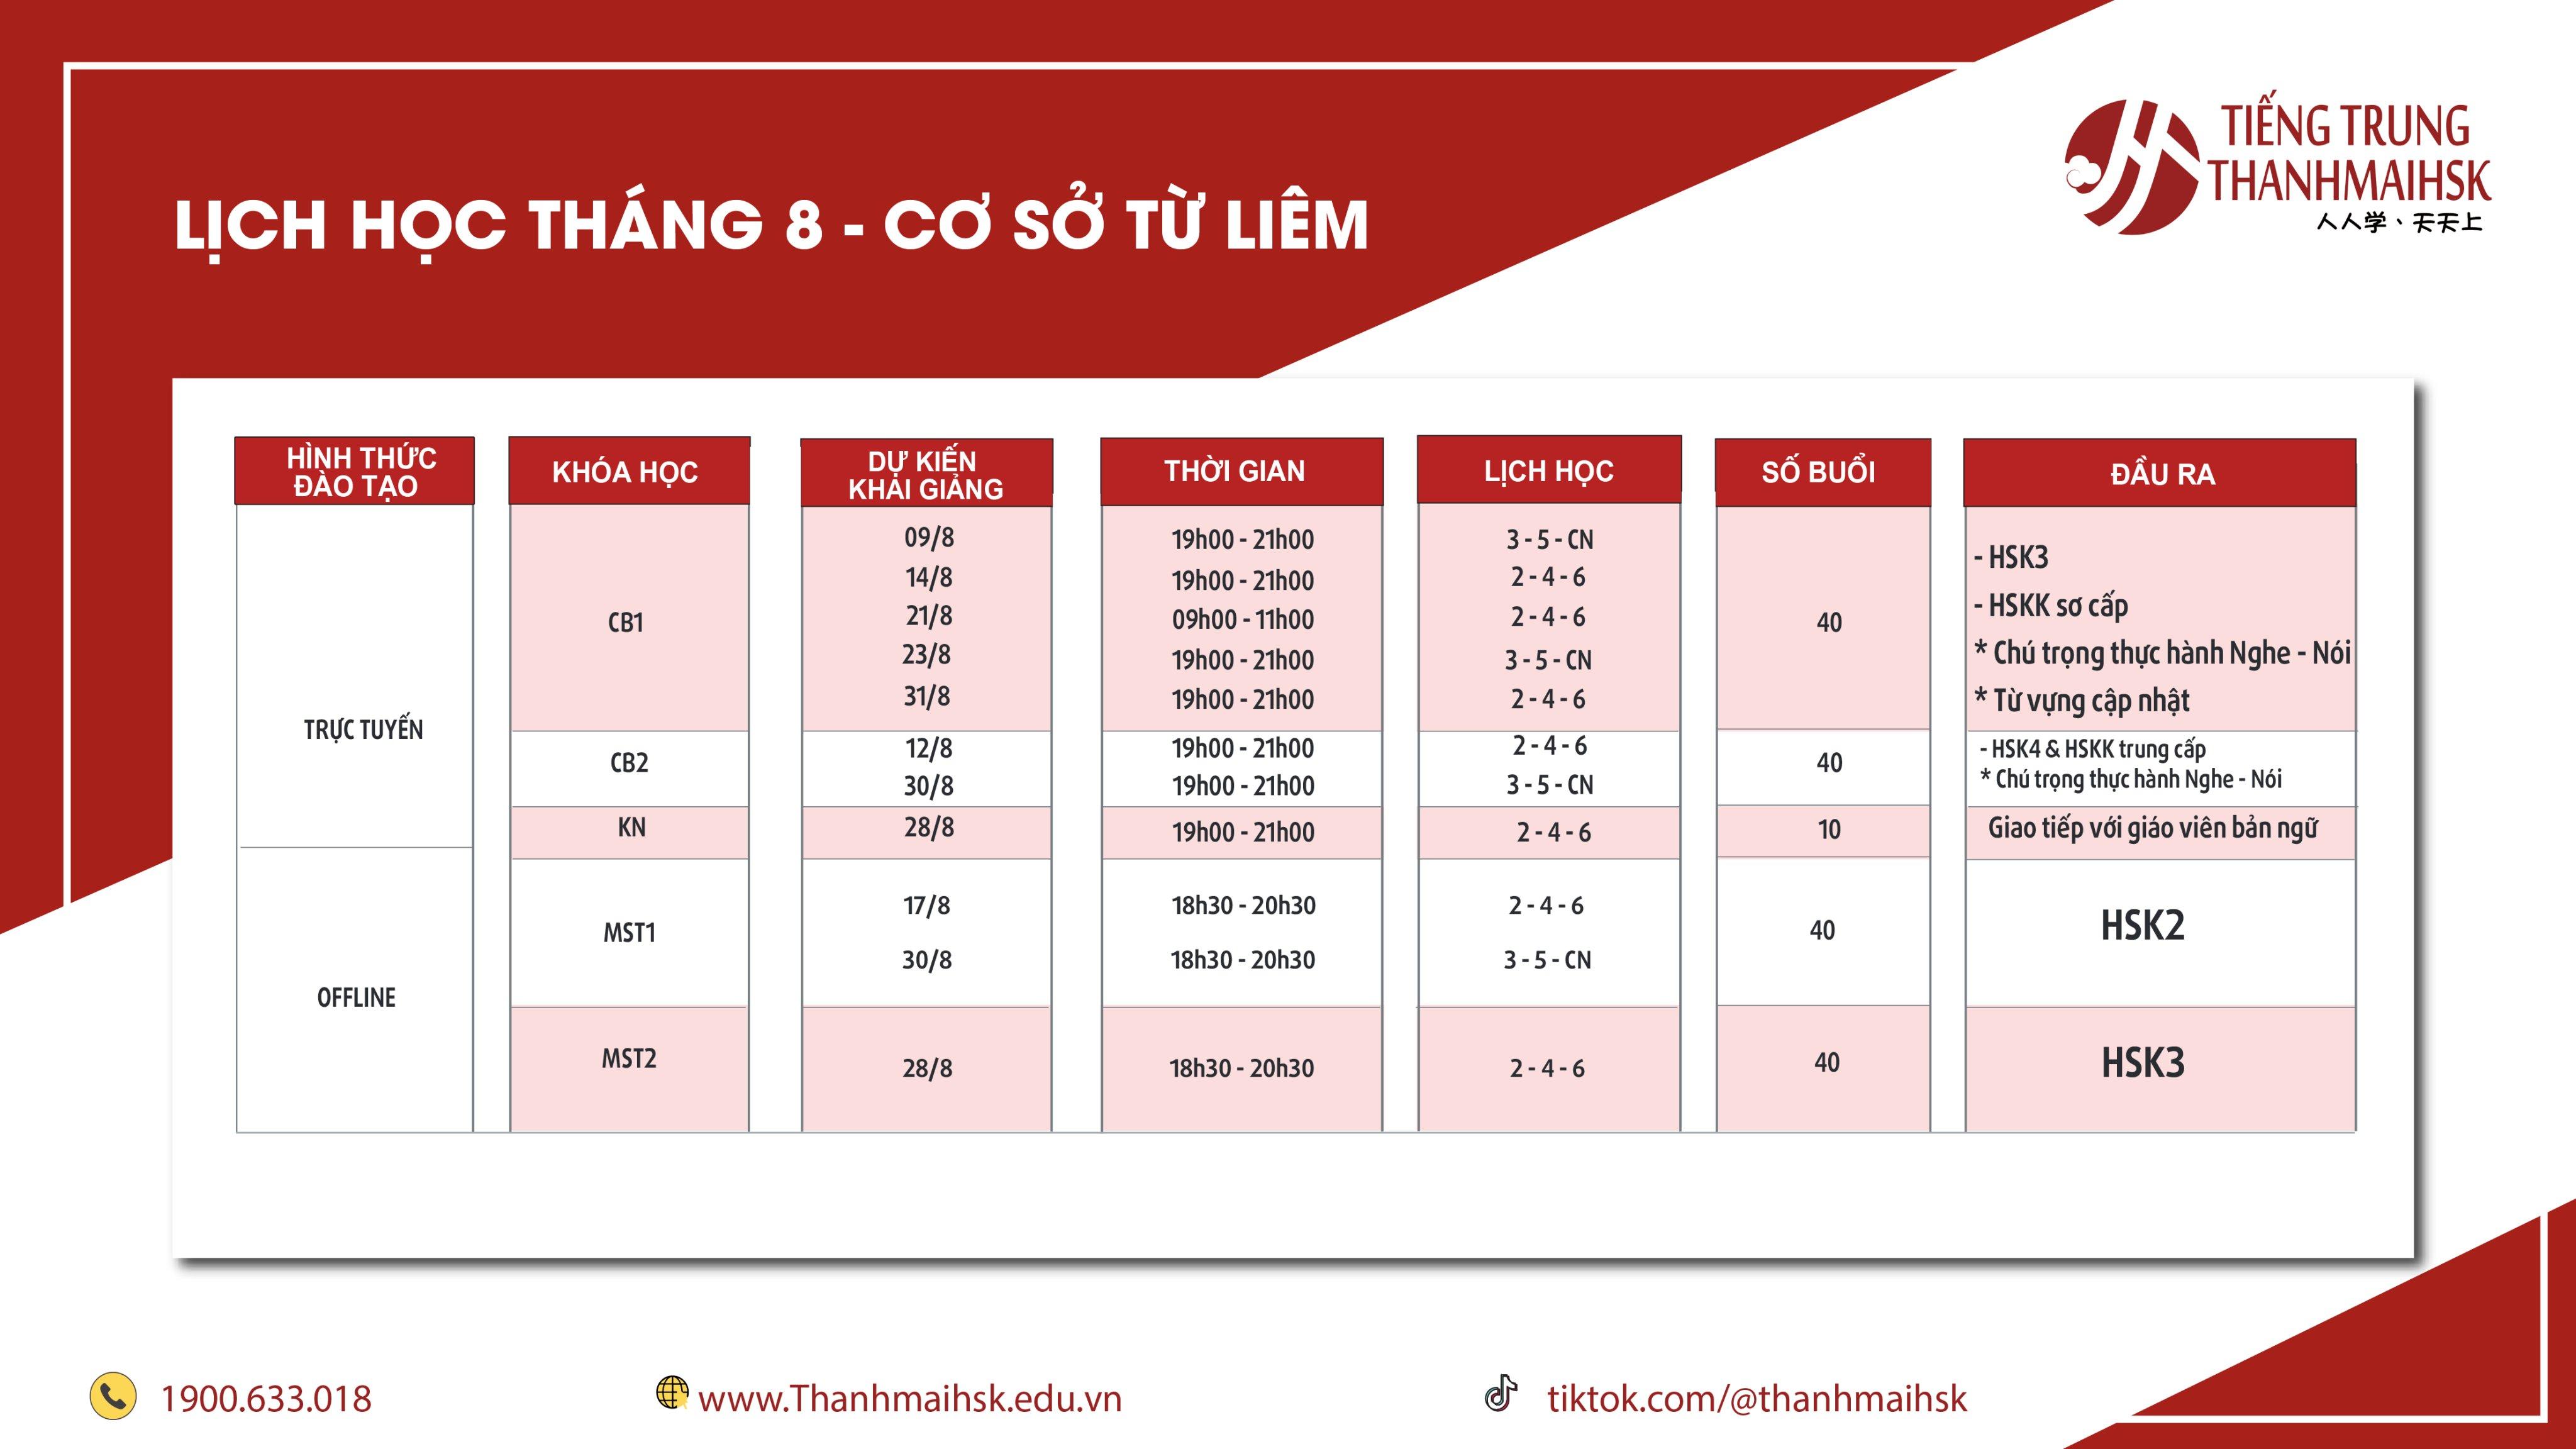 Lịch khai giảng Tiếng Trung Tháng 8/2020 cơ sở Từ Liêm|Thanhmaihsk